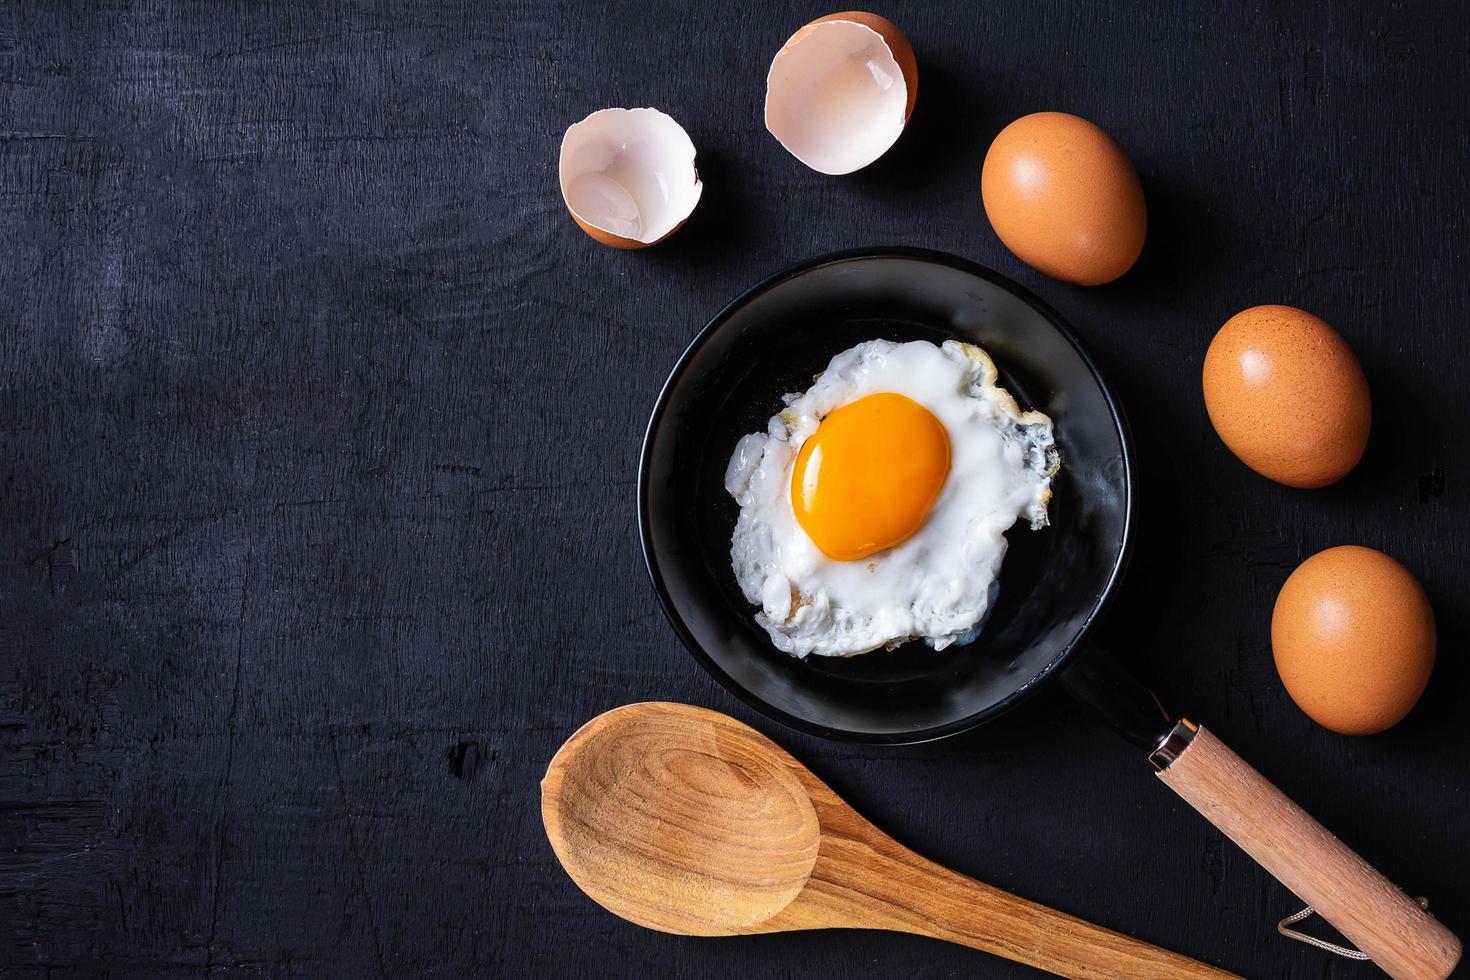 gebakken eieren in een koekenpan foto